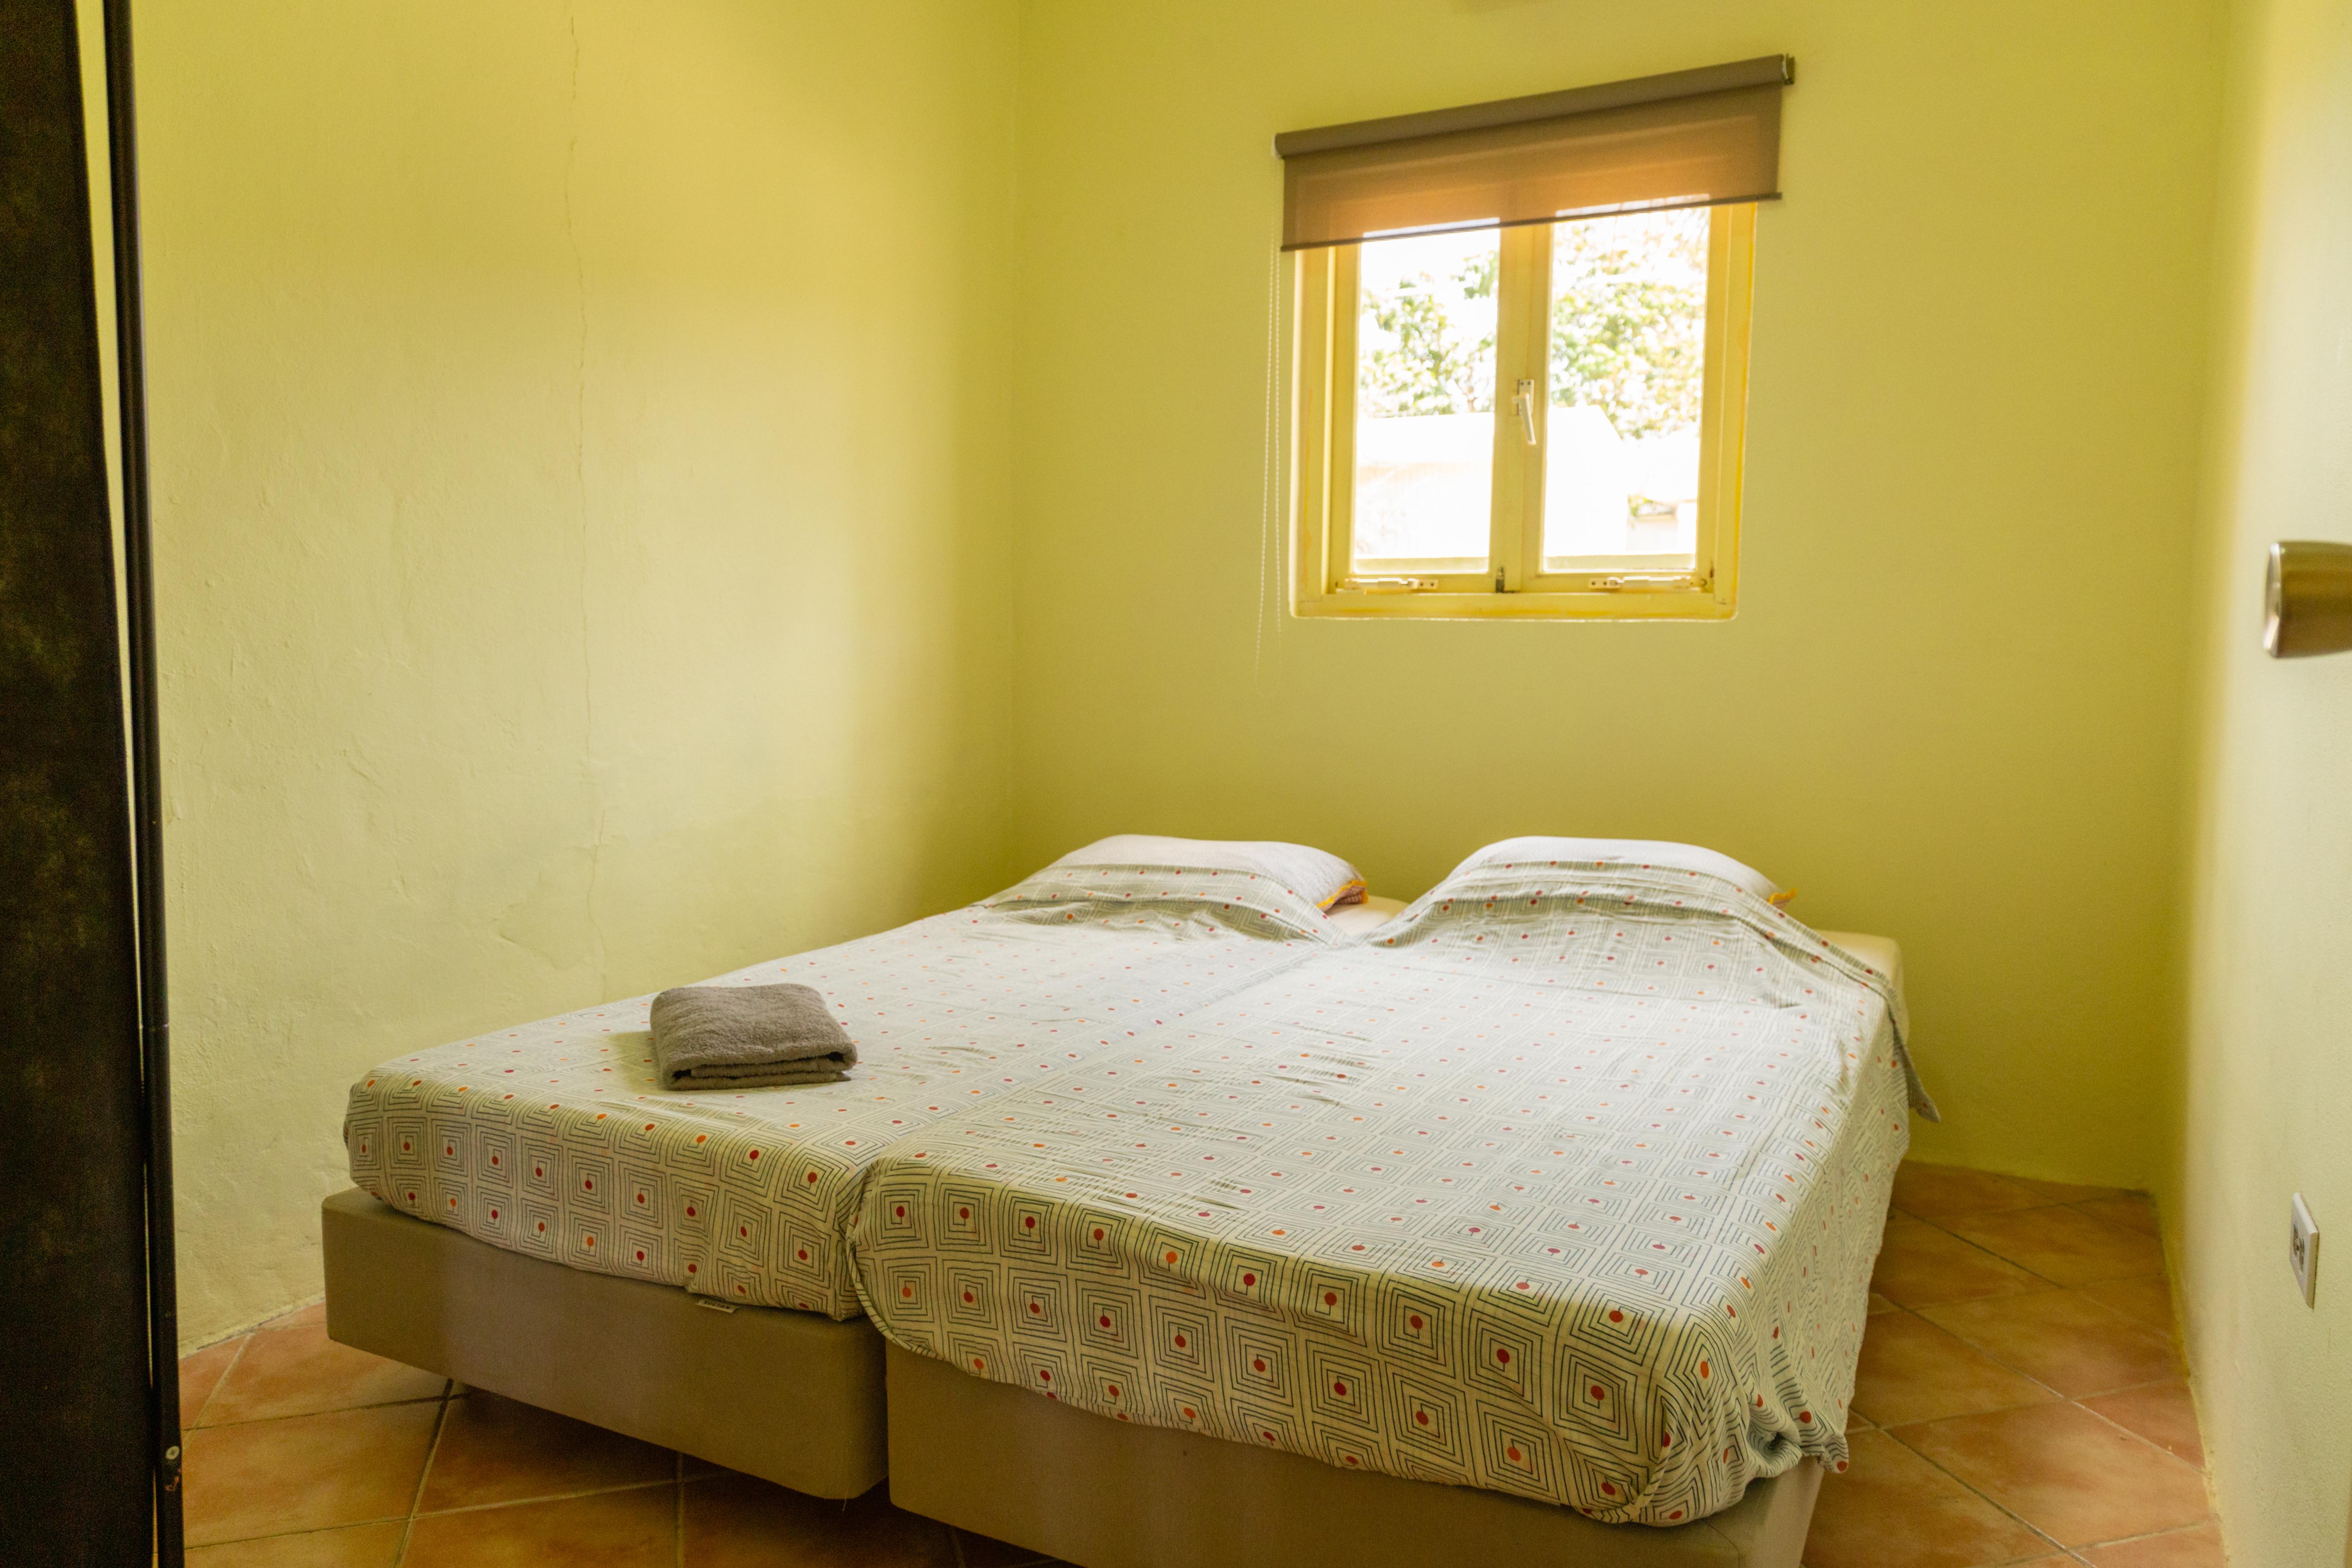 Appartementen 1 t/m 5 slaapkamers